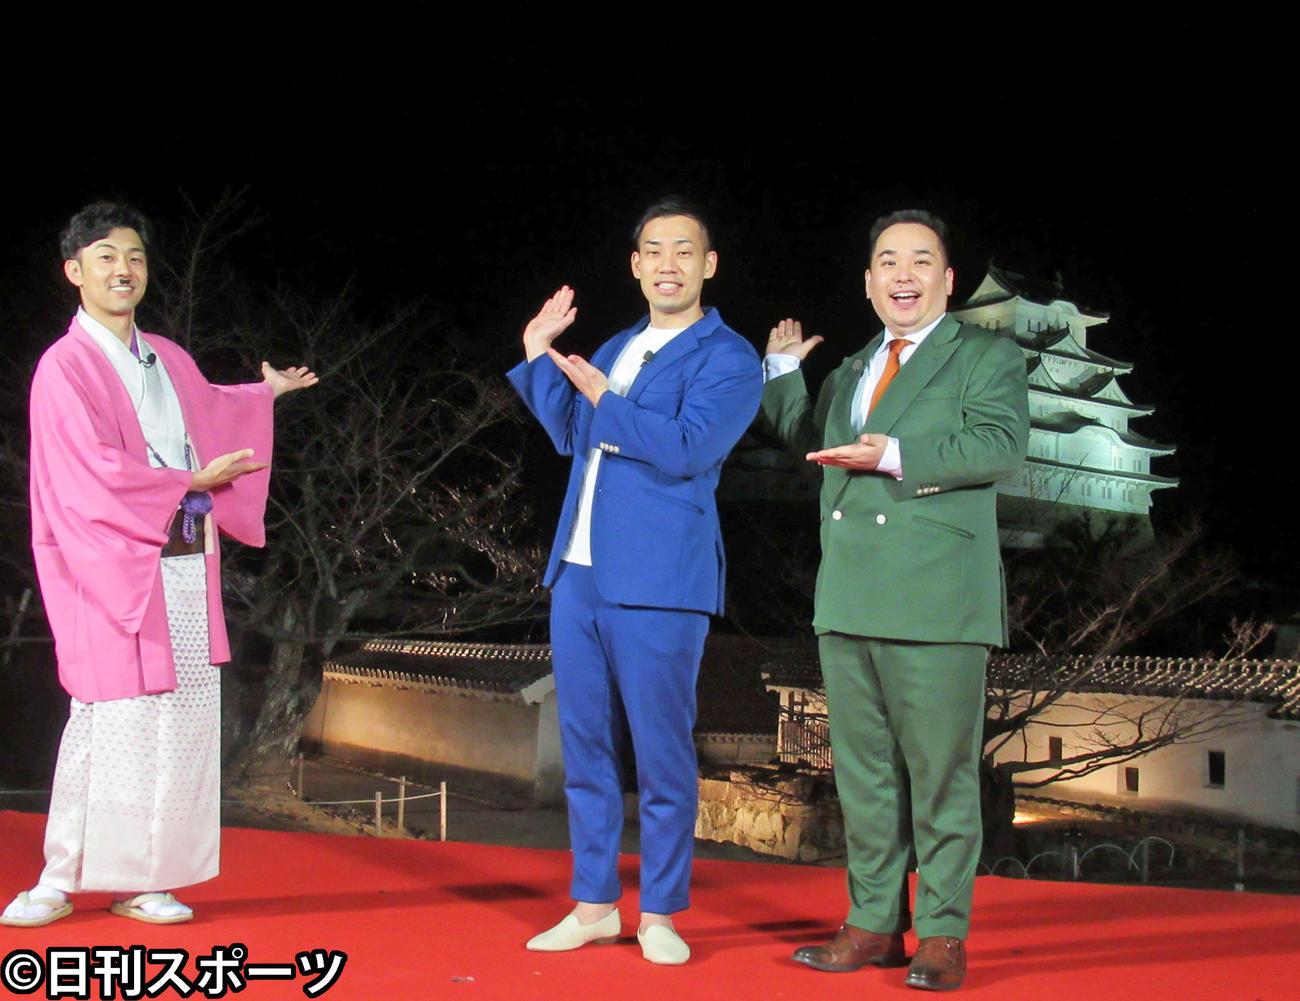 姫路城で漫才を披露したミルクボーイの内海崇(右)と駒場孝(中央)左は天津の木村卓寛(撮影・星名希実)